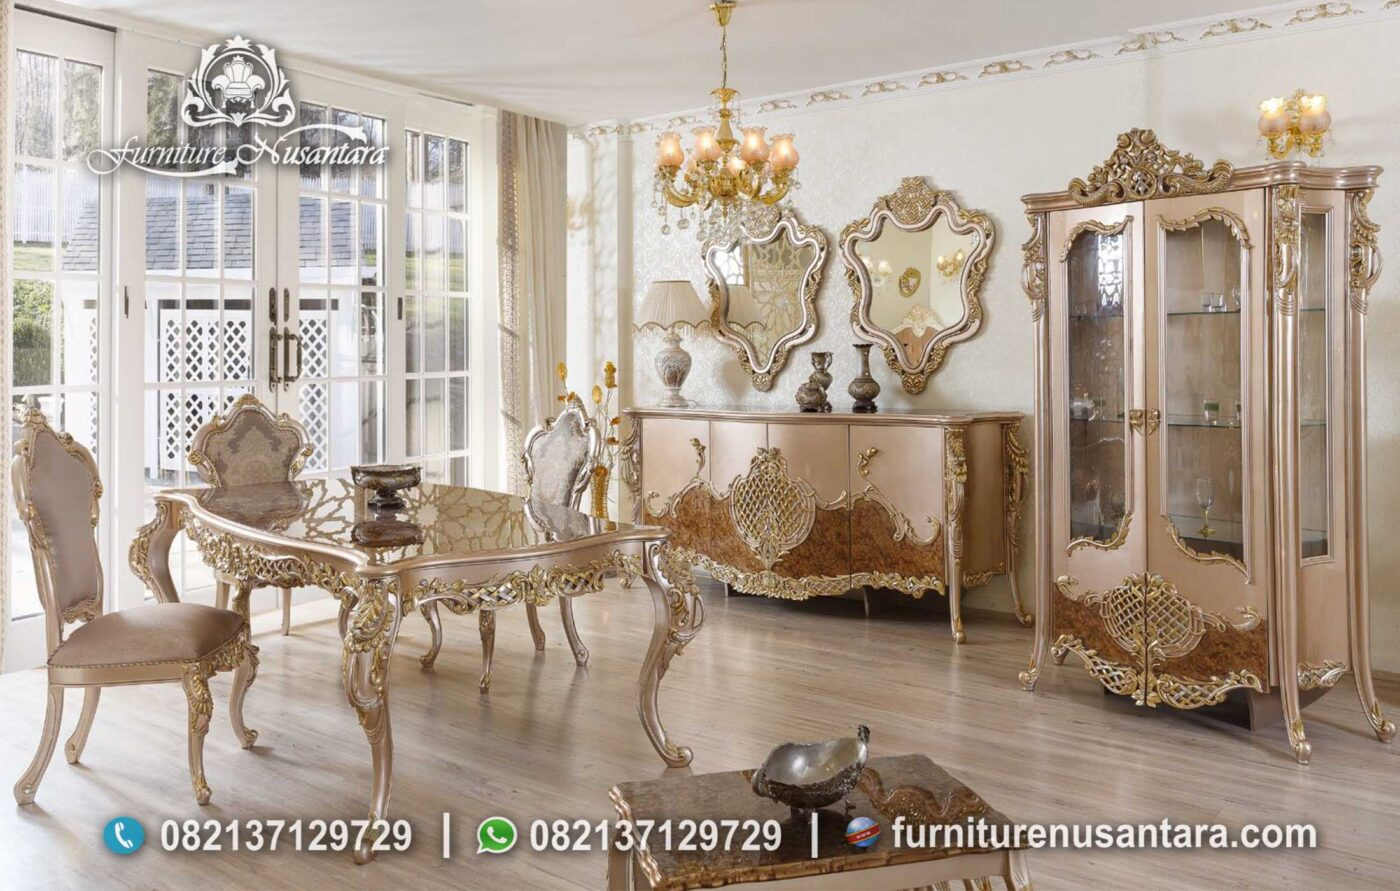 Meja Makan Klasik Mewah Modern Terbaru MM-05, Furniture Nusantara